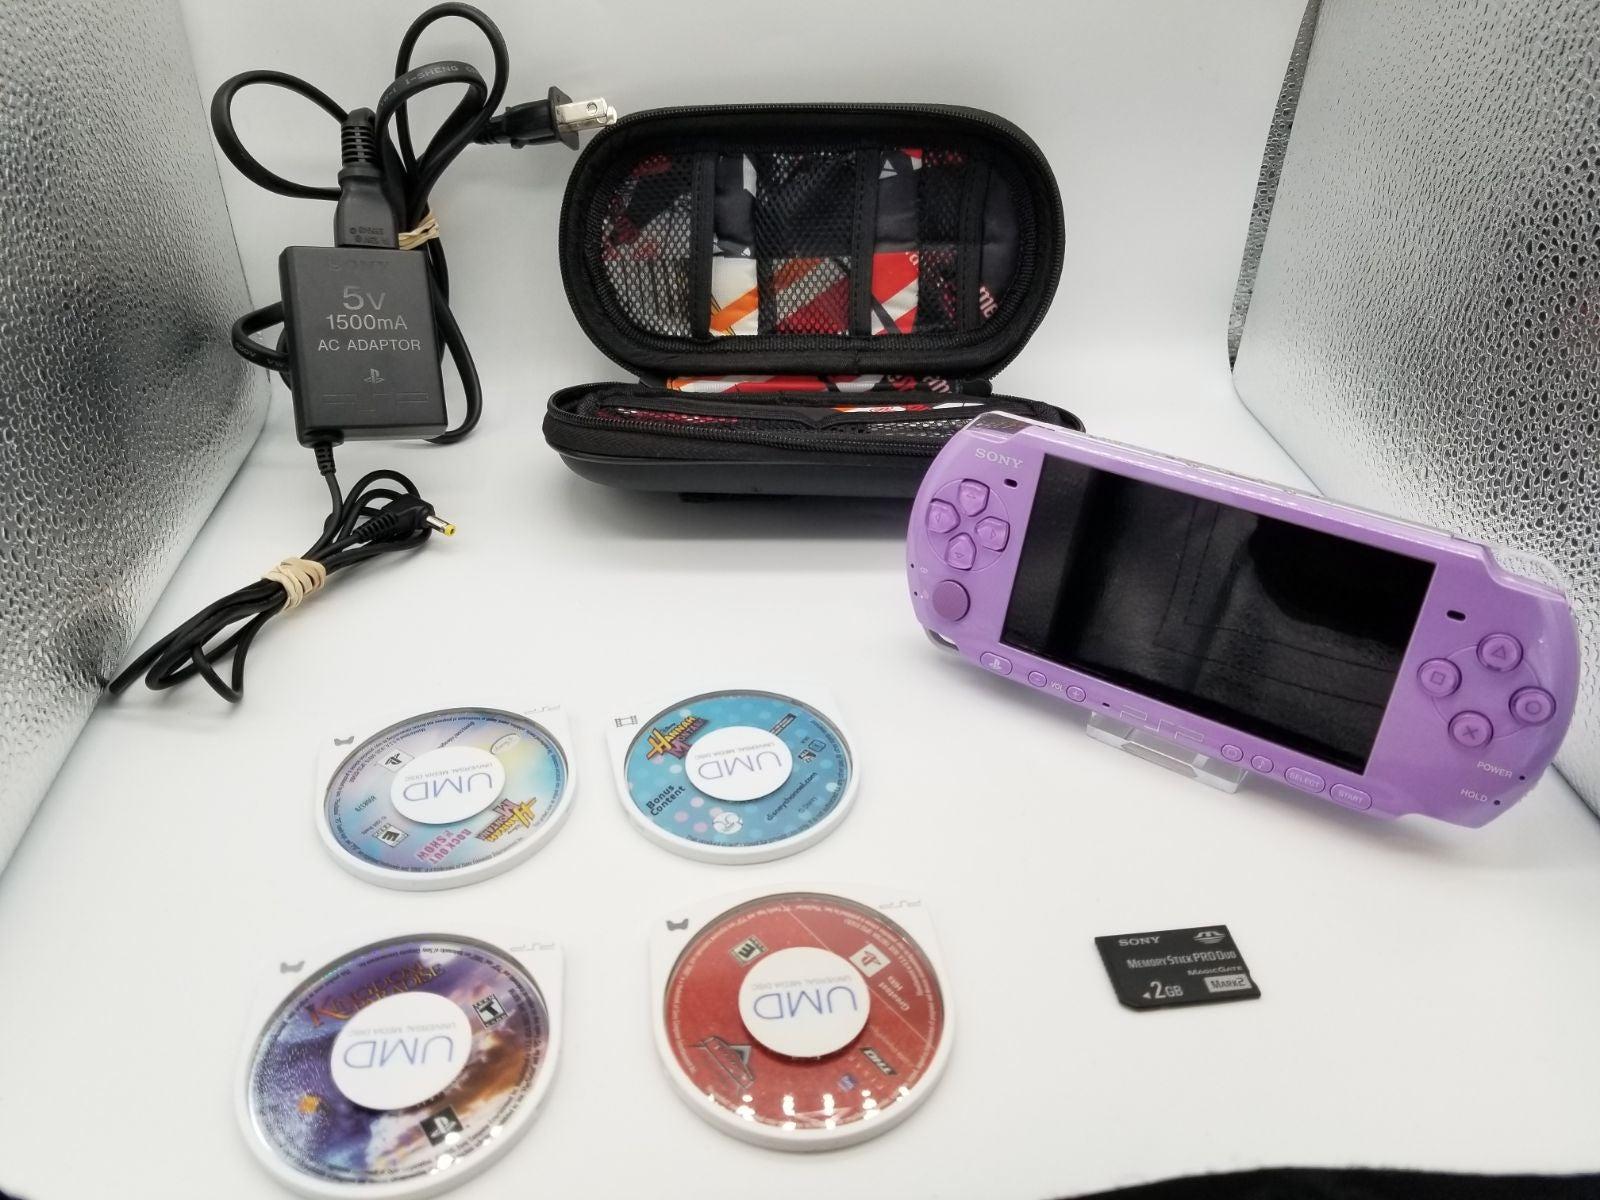 Sony PSP 3001 Hannah Montana Edition